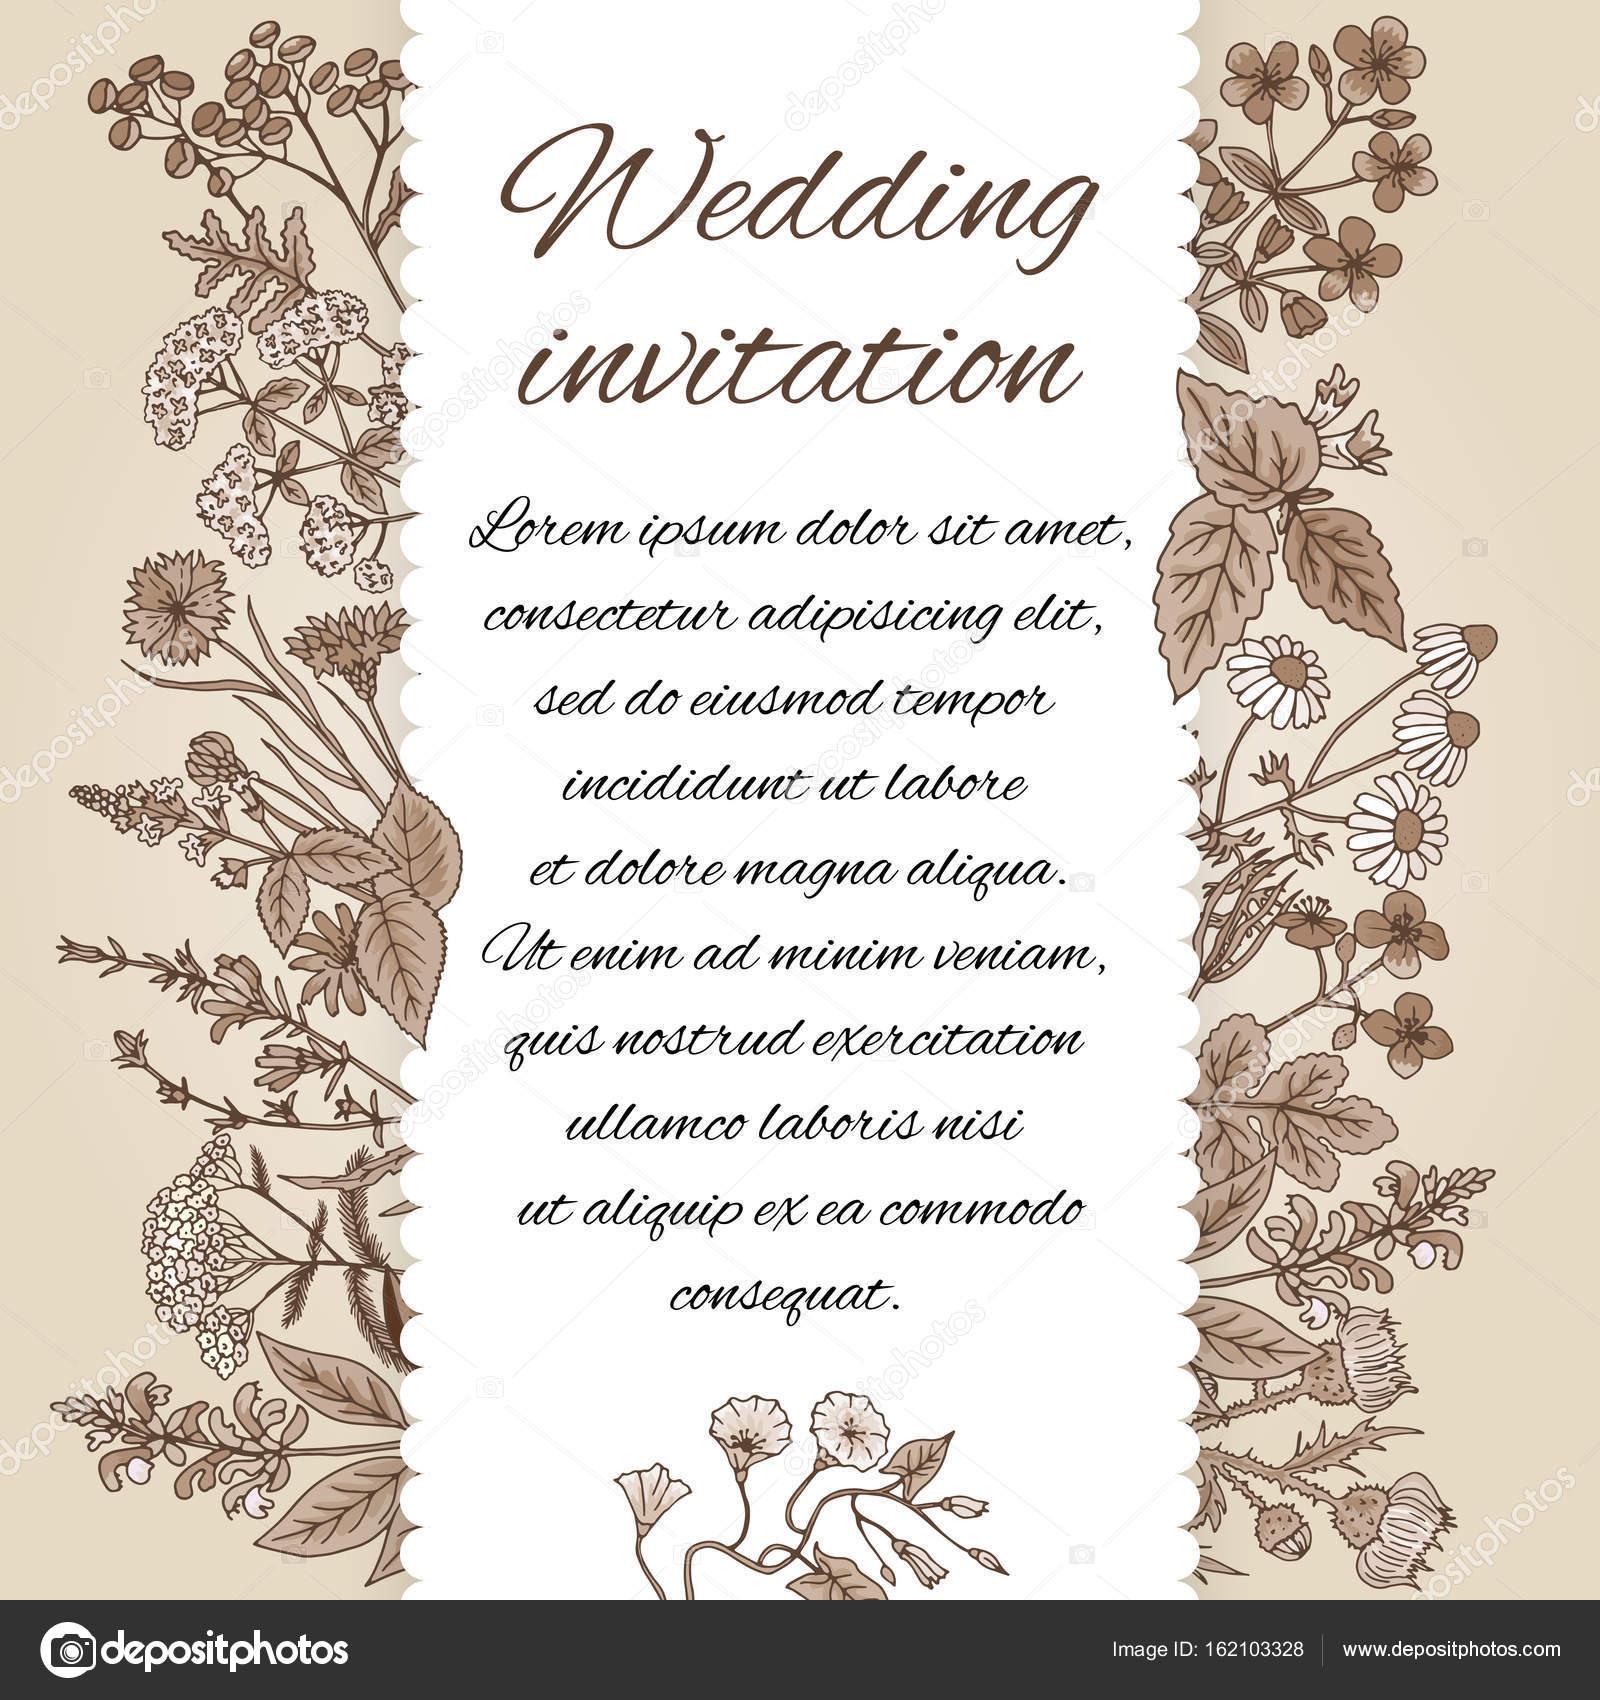 893c4a4bcc7f68 Шаблон весільні запрошення у вінтажному стилі. Немає місця для тексту.  Запрошення прикраси з боку звернено трави. Запрошення на весілля квітка.